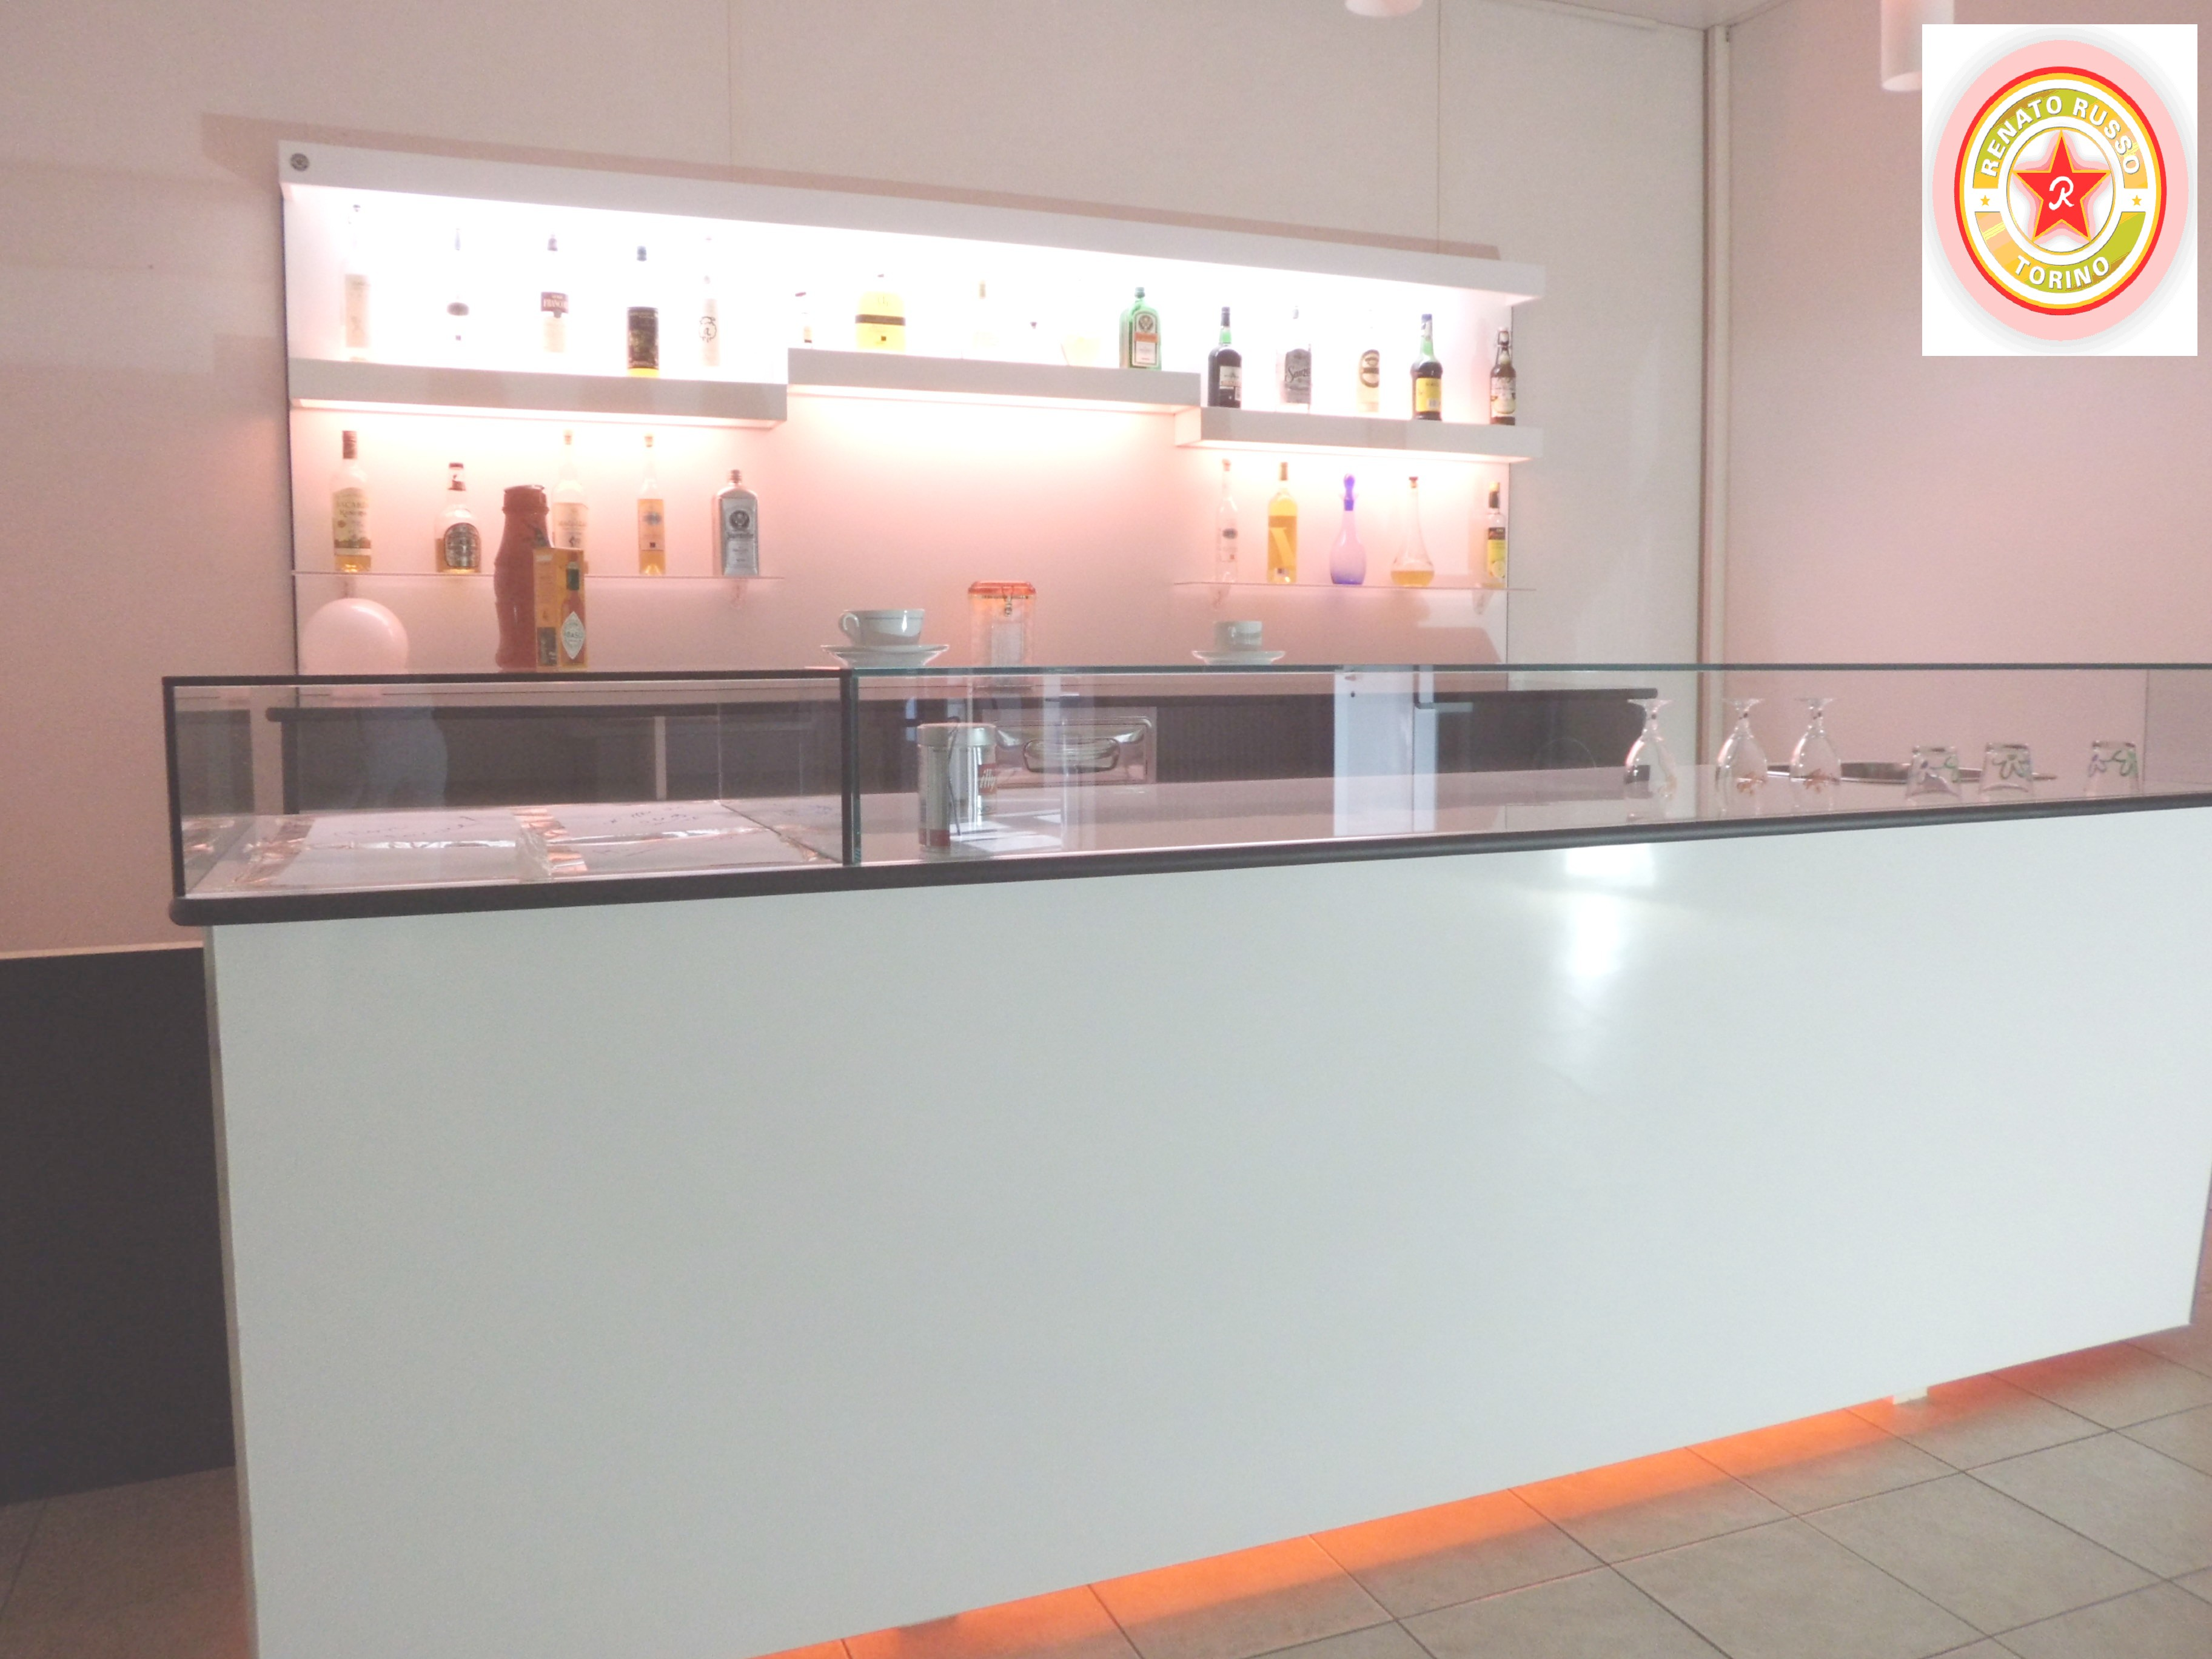 Cassetti battifiltro banchi bar tramogge battifondi for Banconi bar usati roma